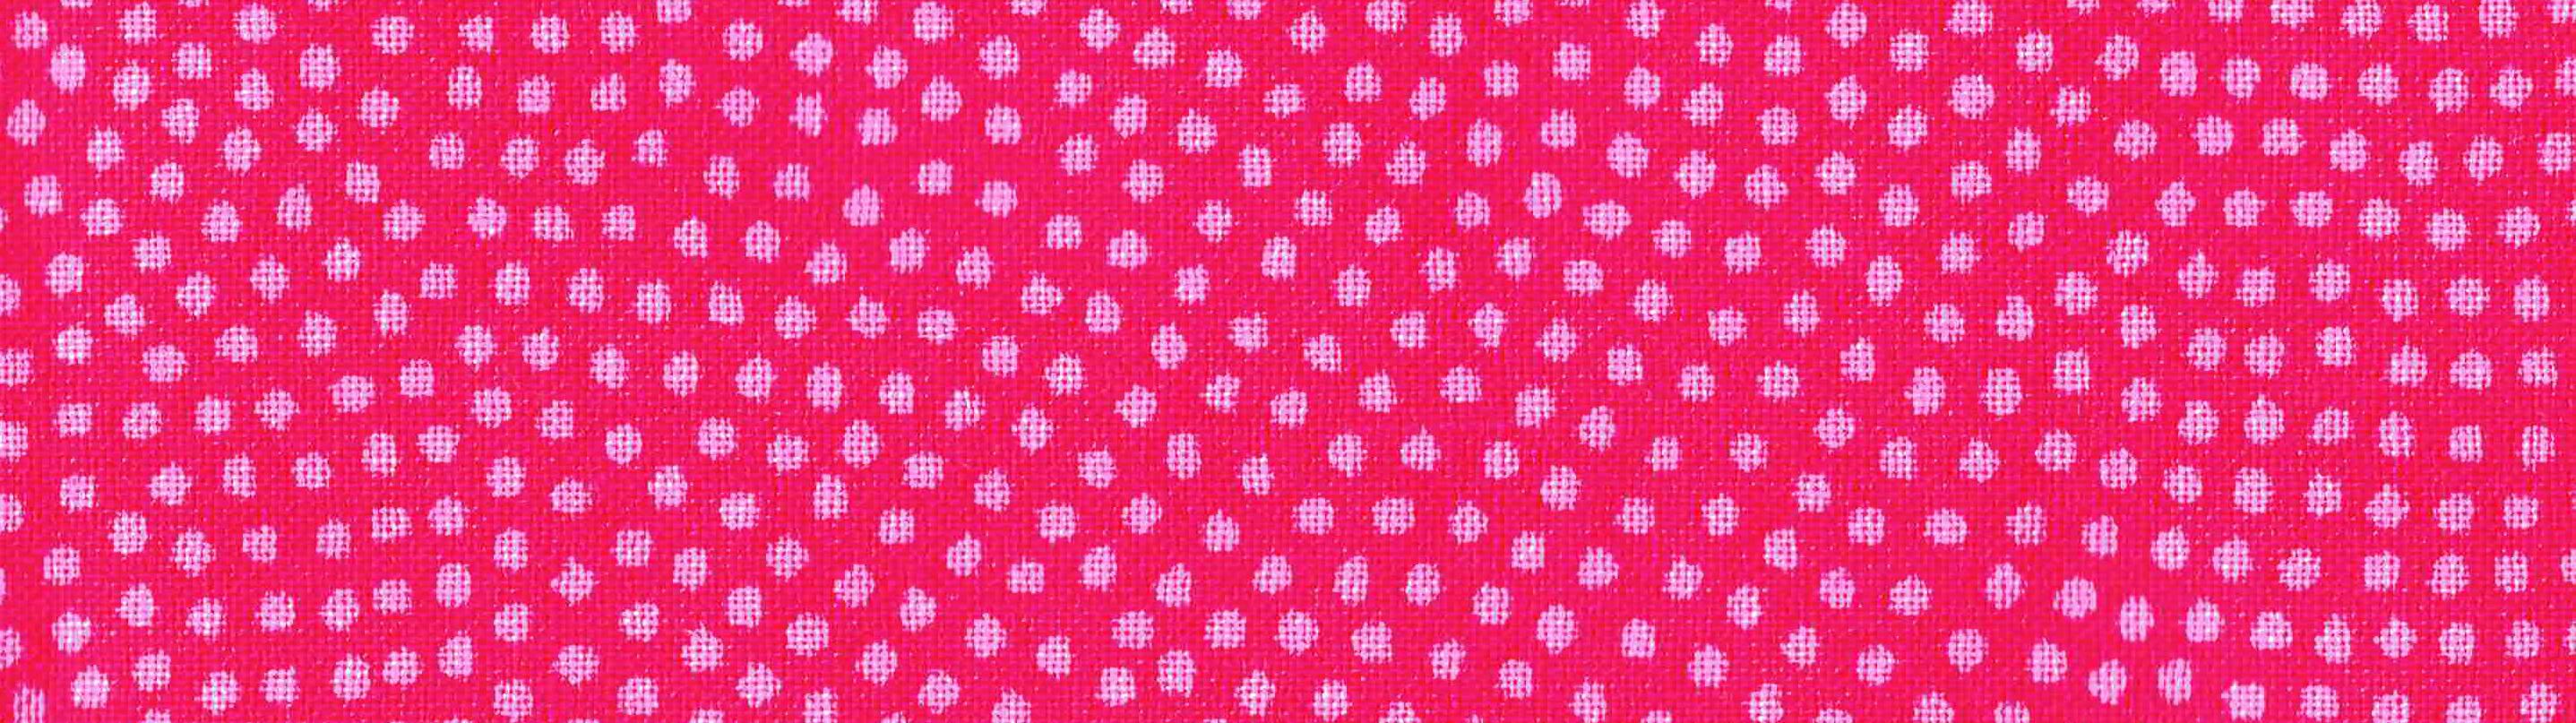 506 Pink Dot1